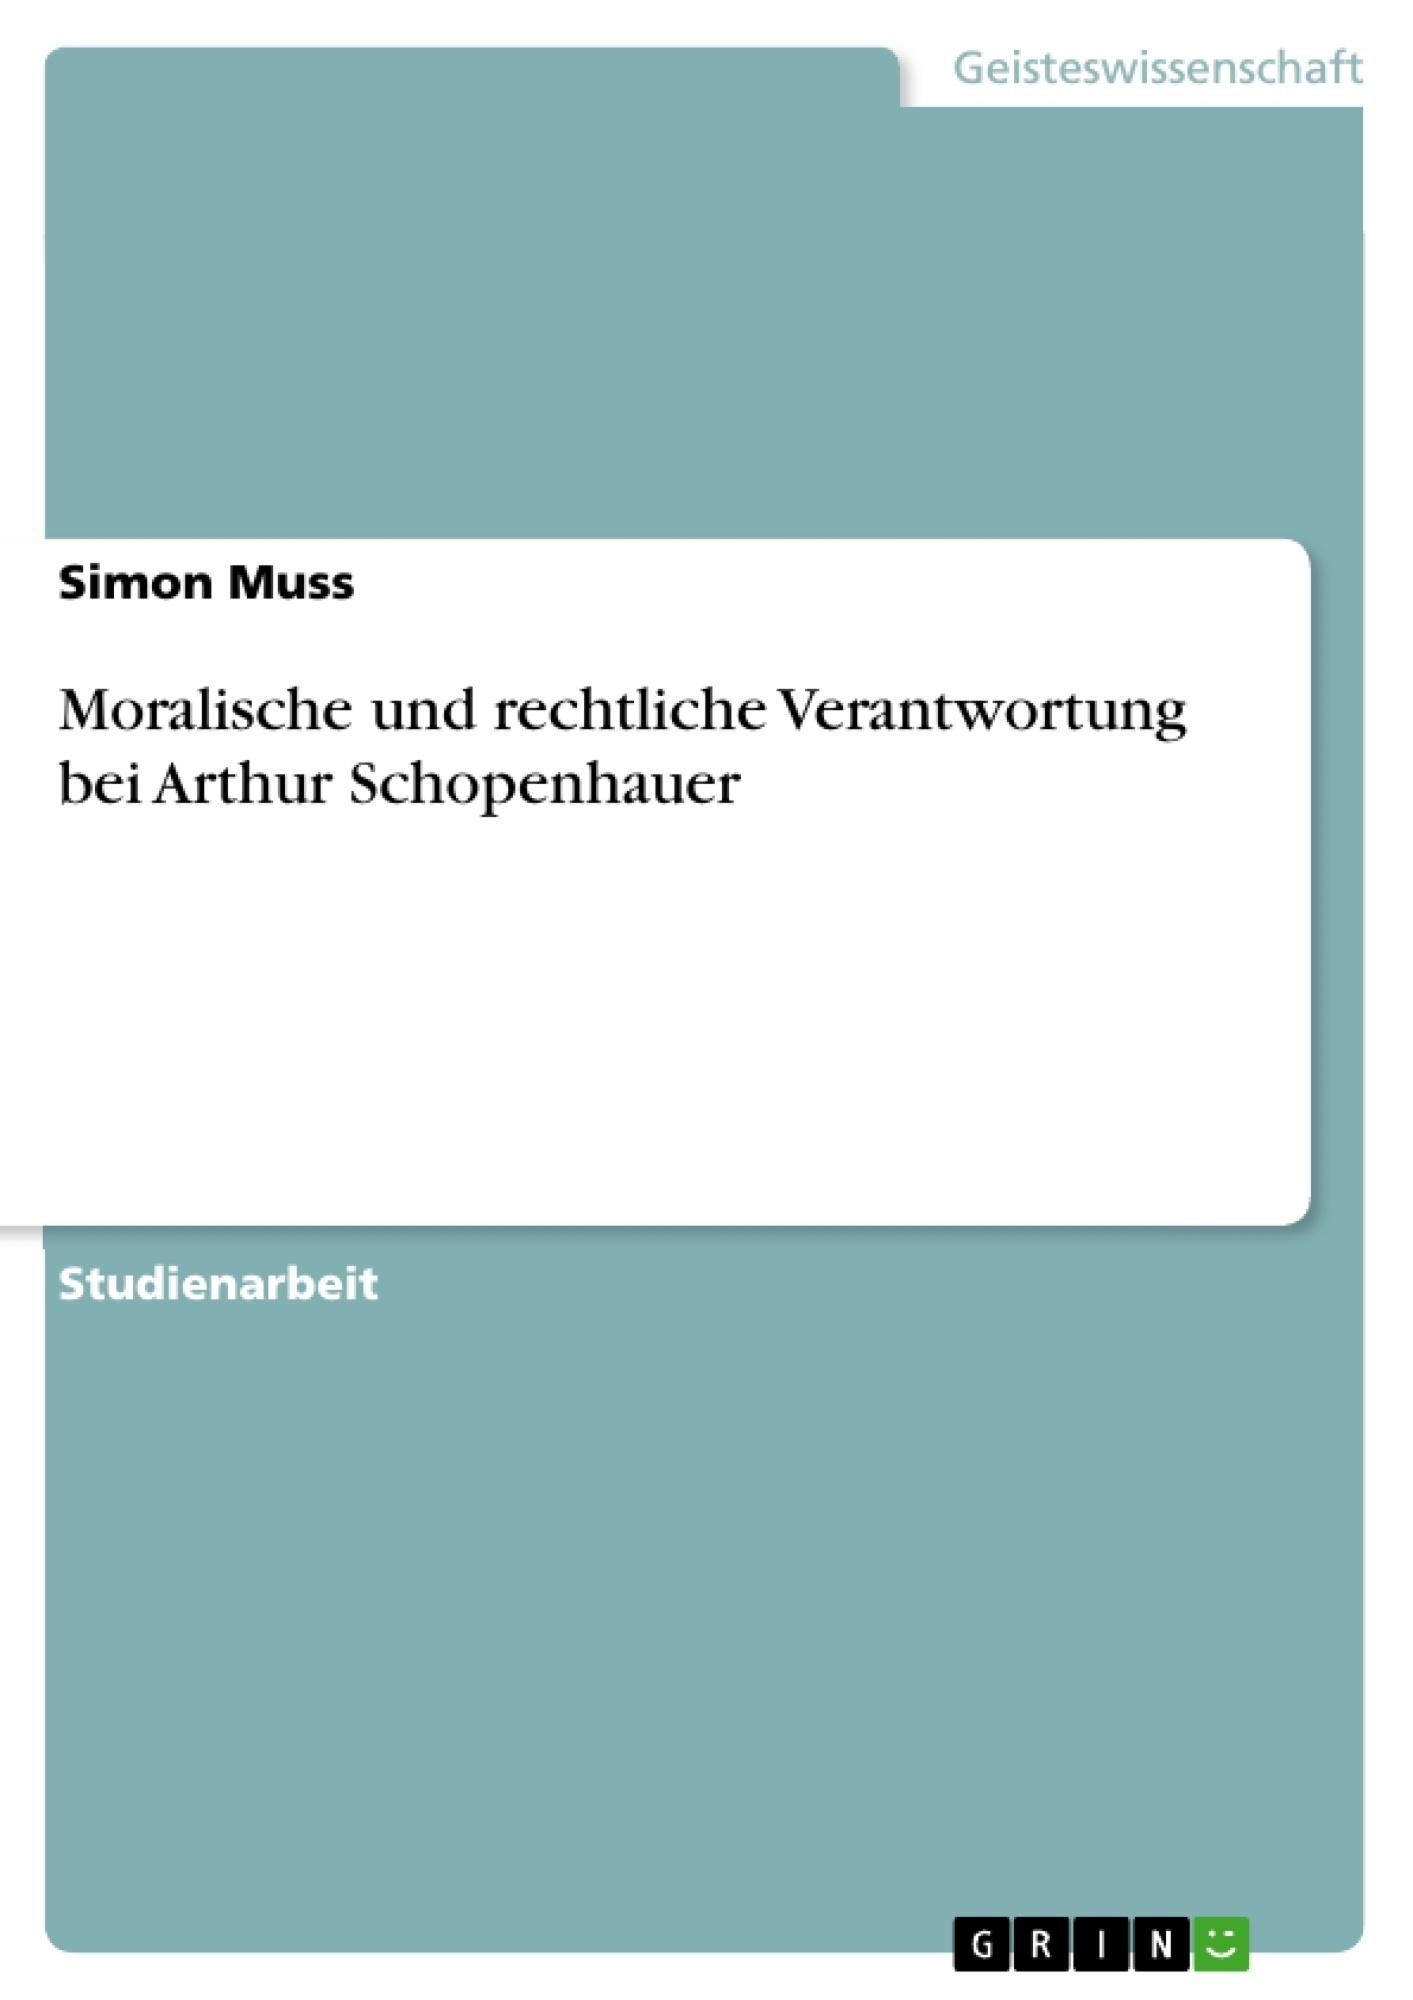 Titel: Moralische und rechtliche Verantwortung bei Arthur Schopenhauer